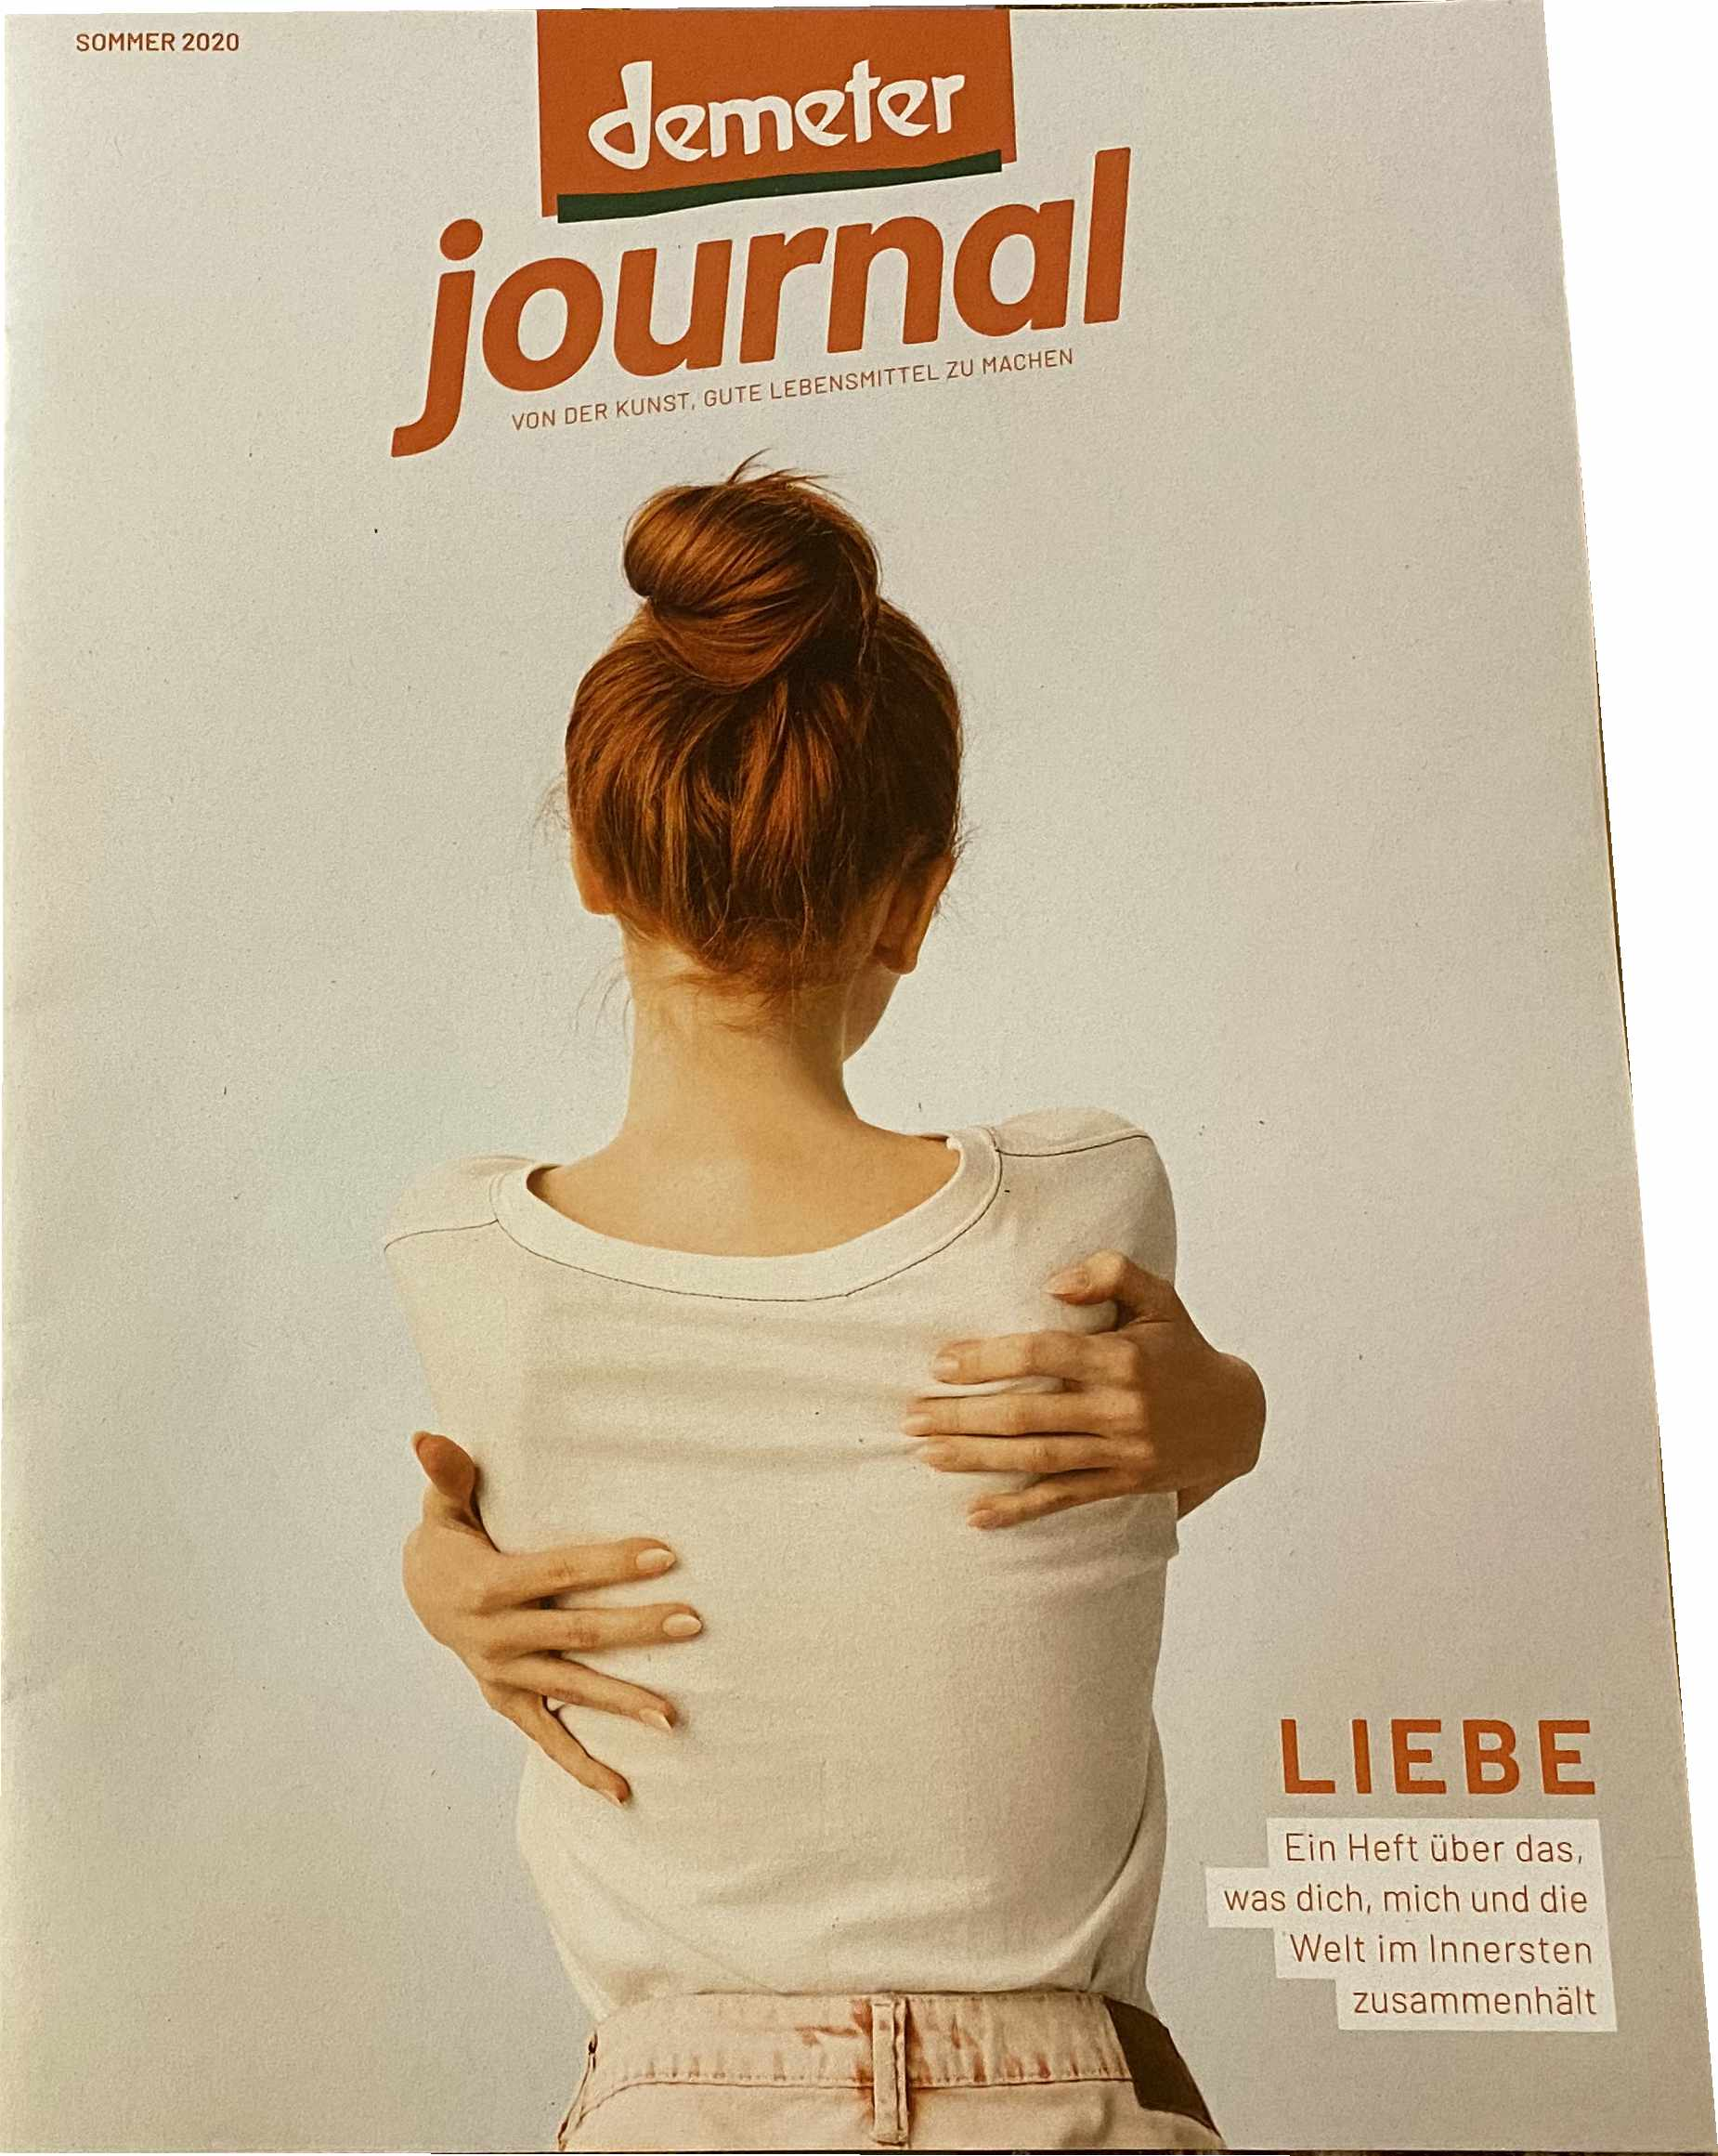 Demeter Journal Sommer 2020